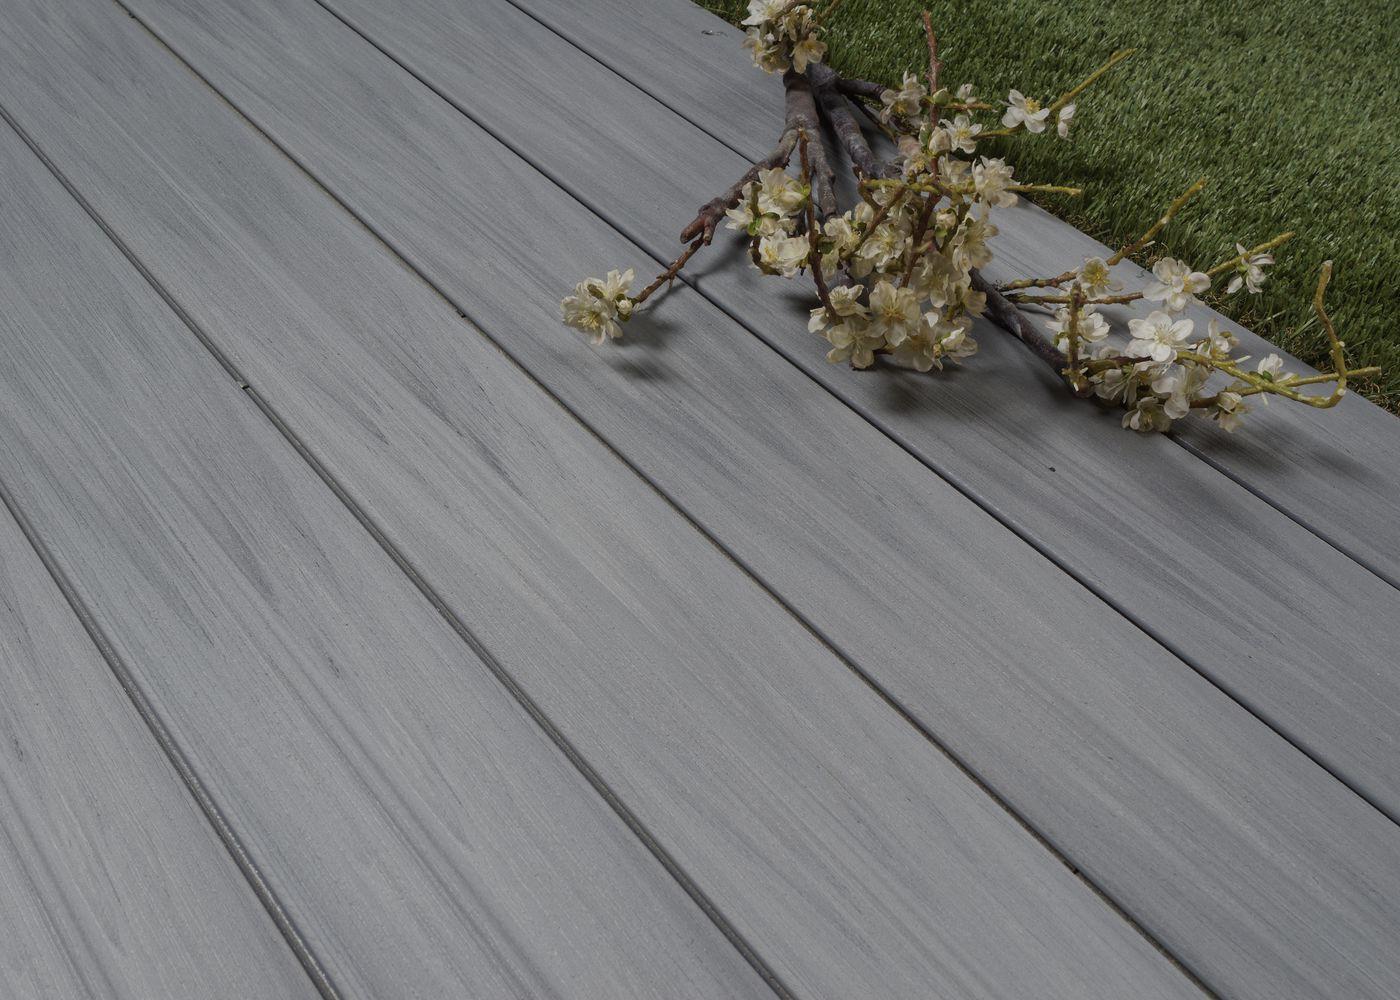 Lames De Terrasse Bois terrasse composite co-extrudé gris ushuaia